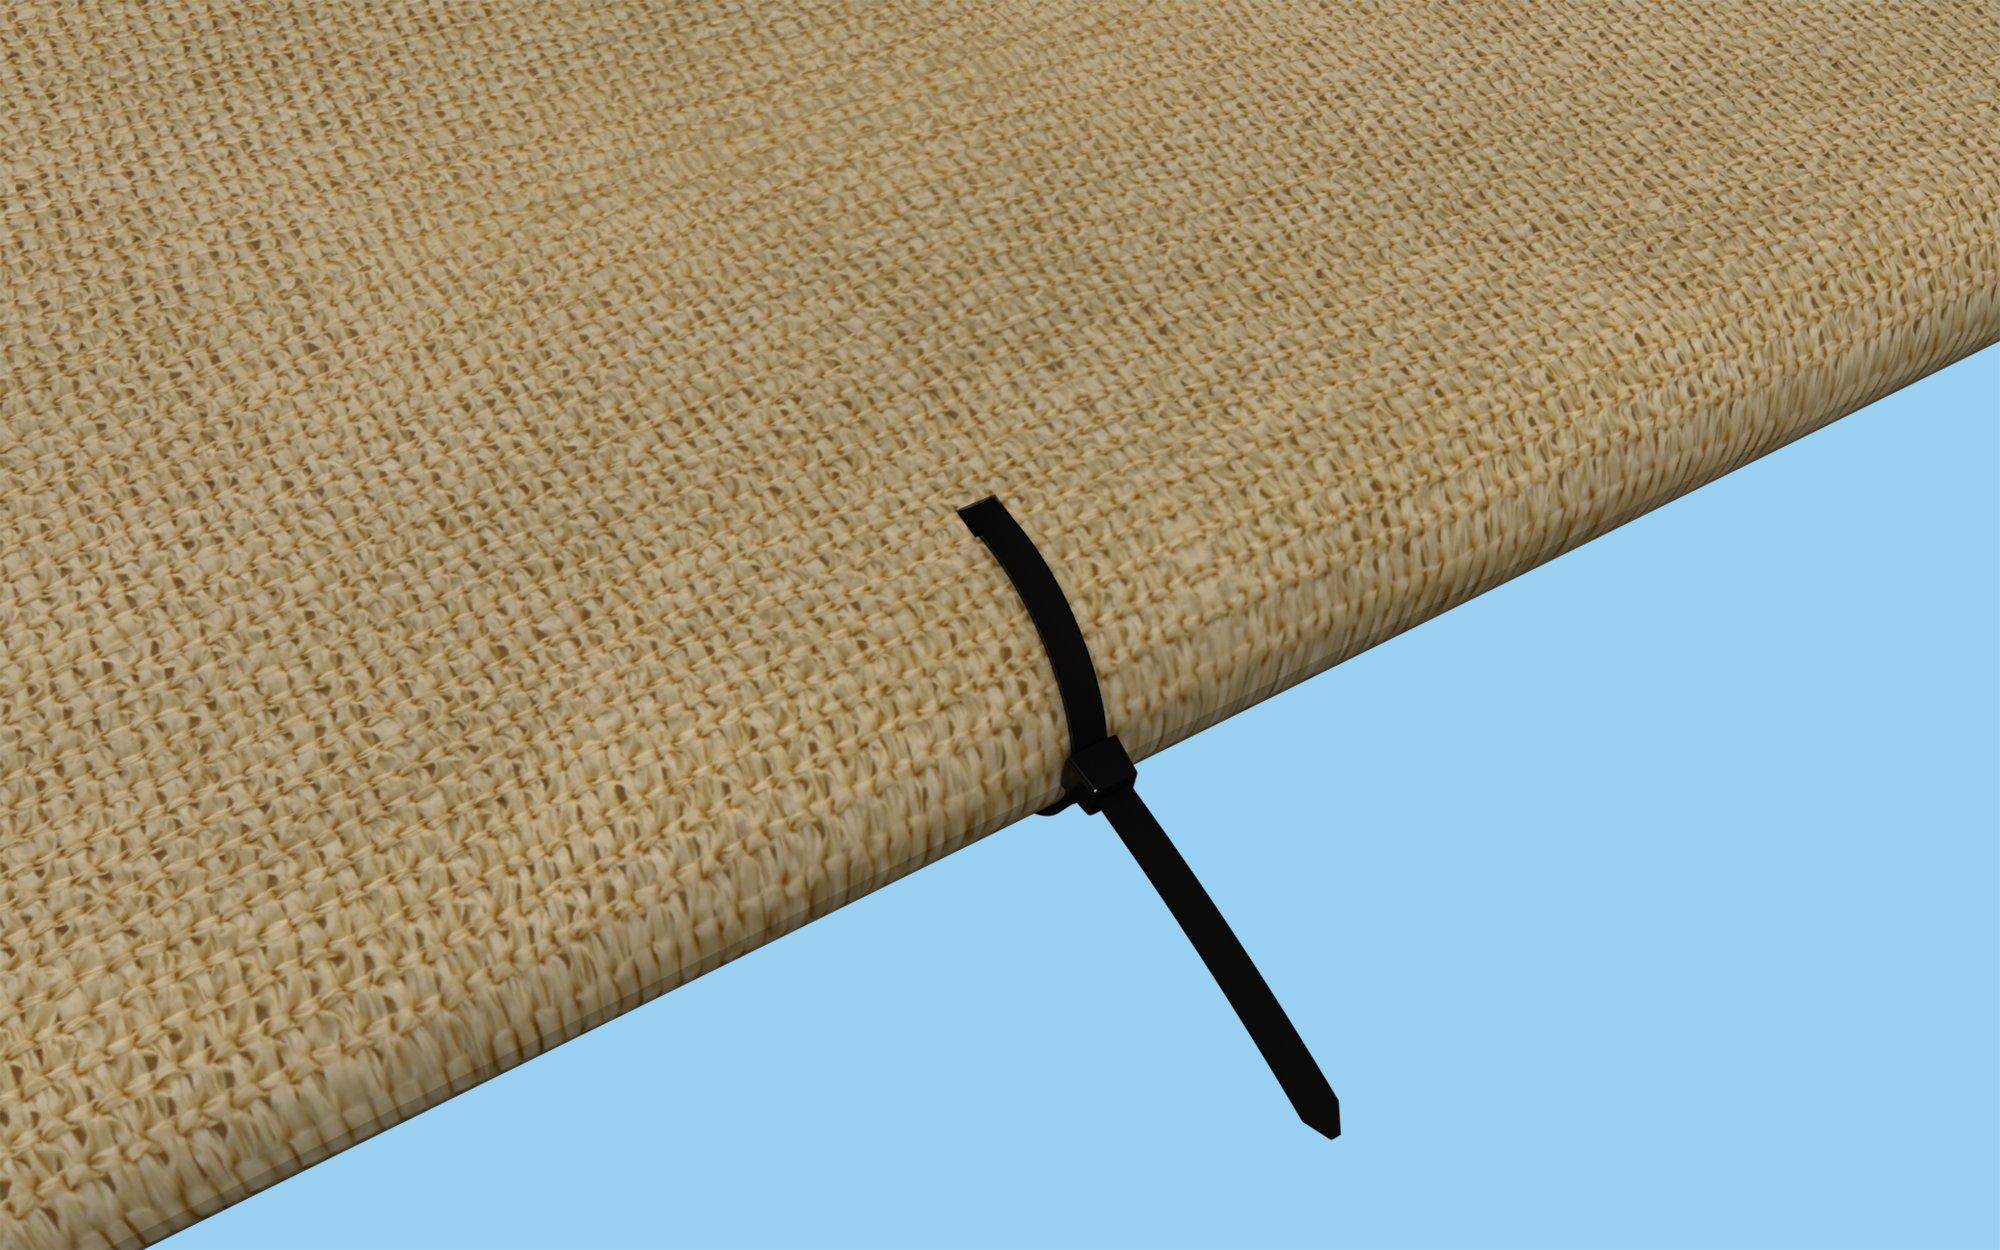 ShelterLogic Shade Sail Fabric Tie Wraps (25 Pack) by ShelterLogic (Image #3)